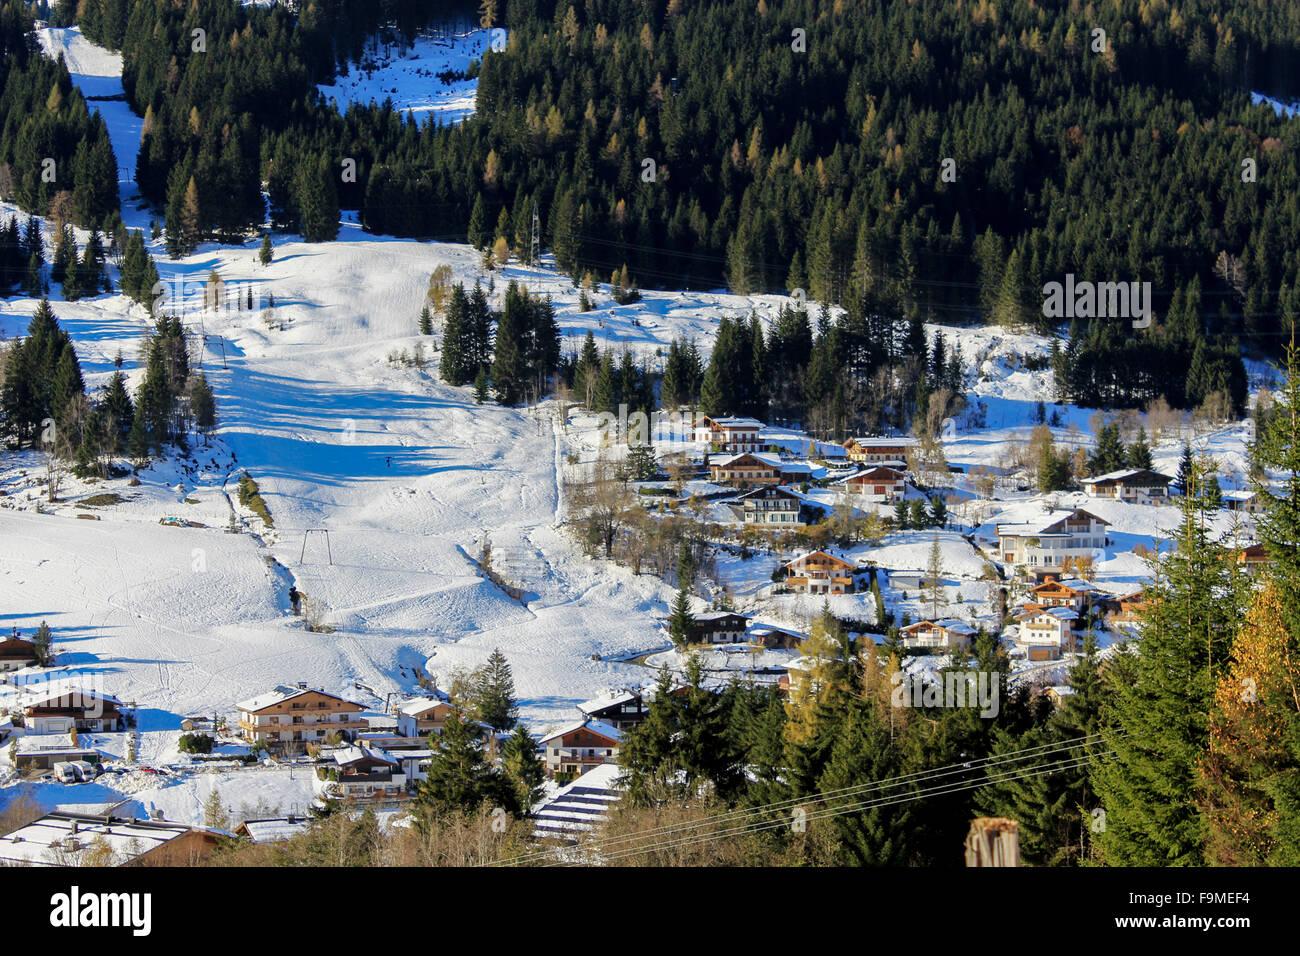 winter landscape in Austria Alps, snow sun and Snowy winter scene Stock Photo